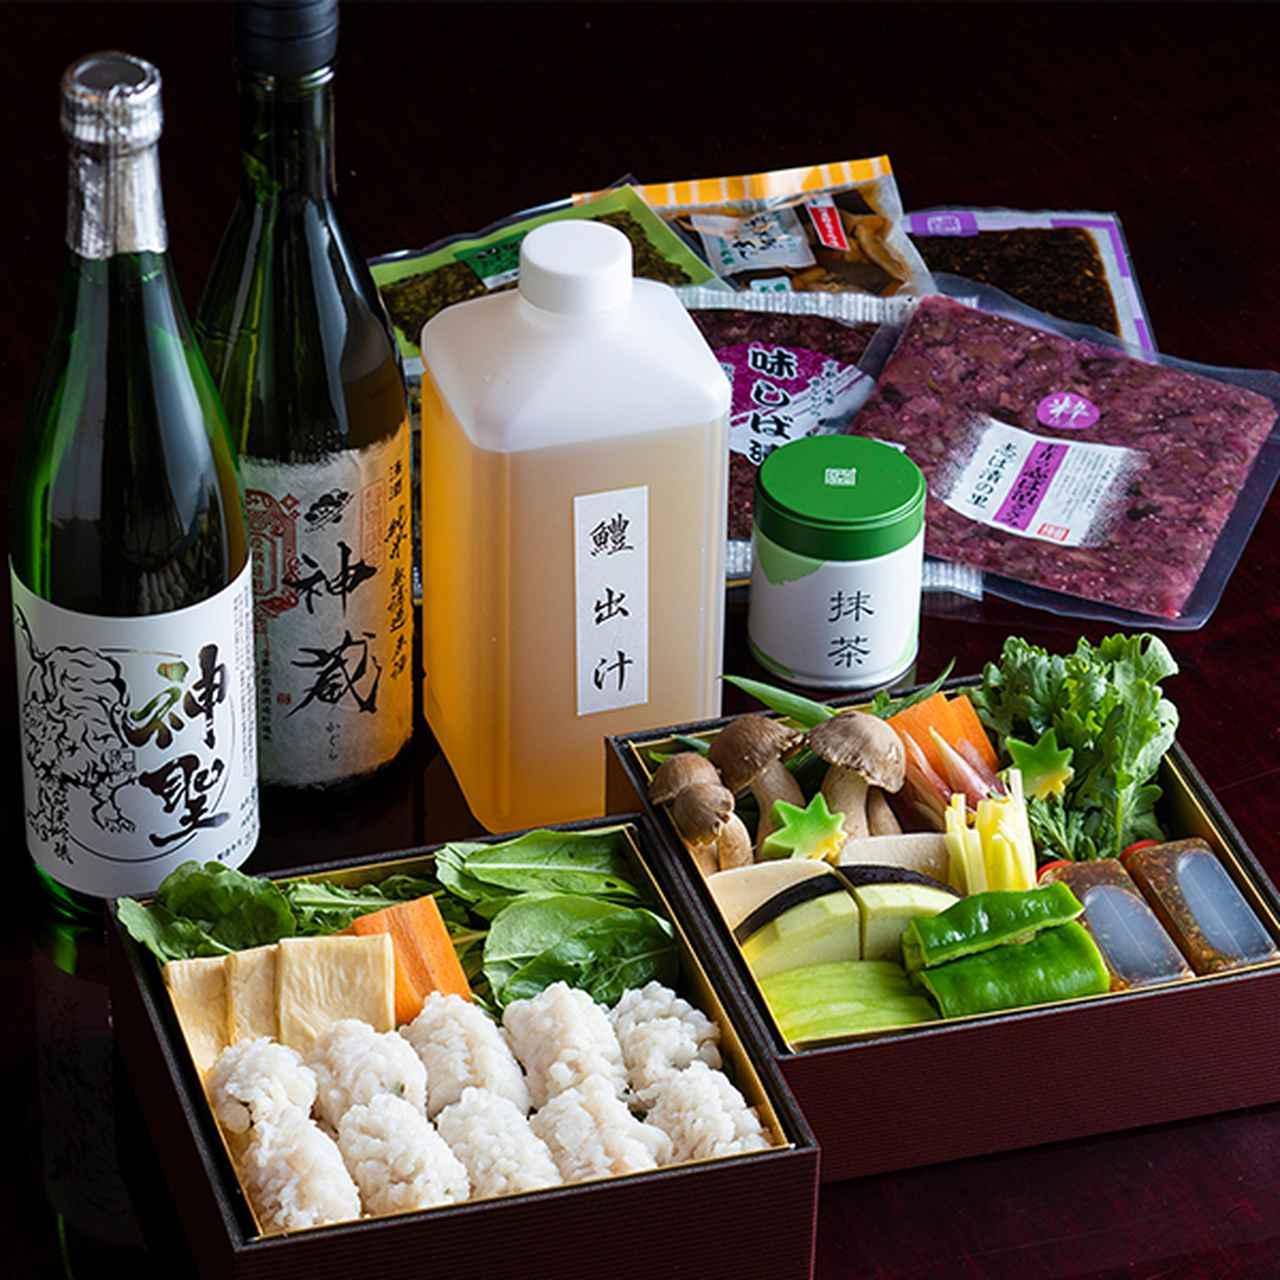 画像: 鱧鍋などの「御前」に京の酒、宇治茶、京漬物がついてくる。